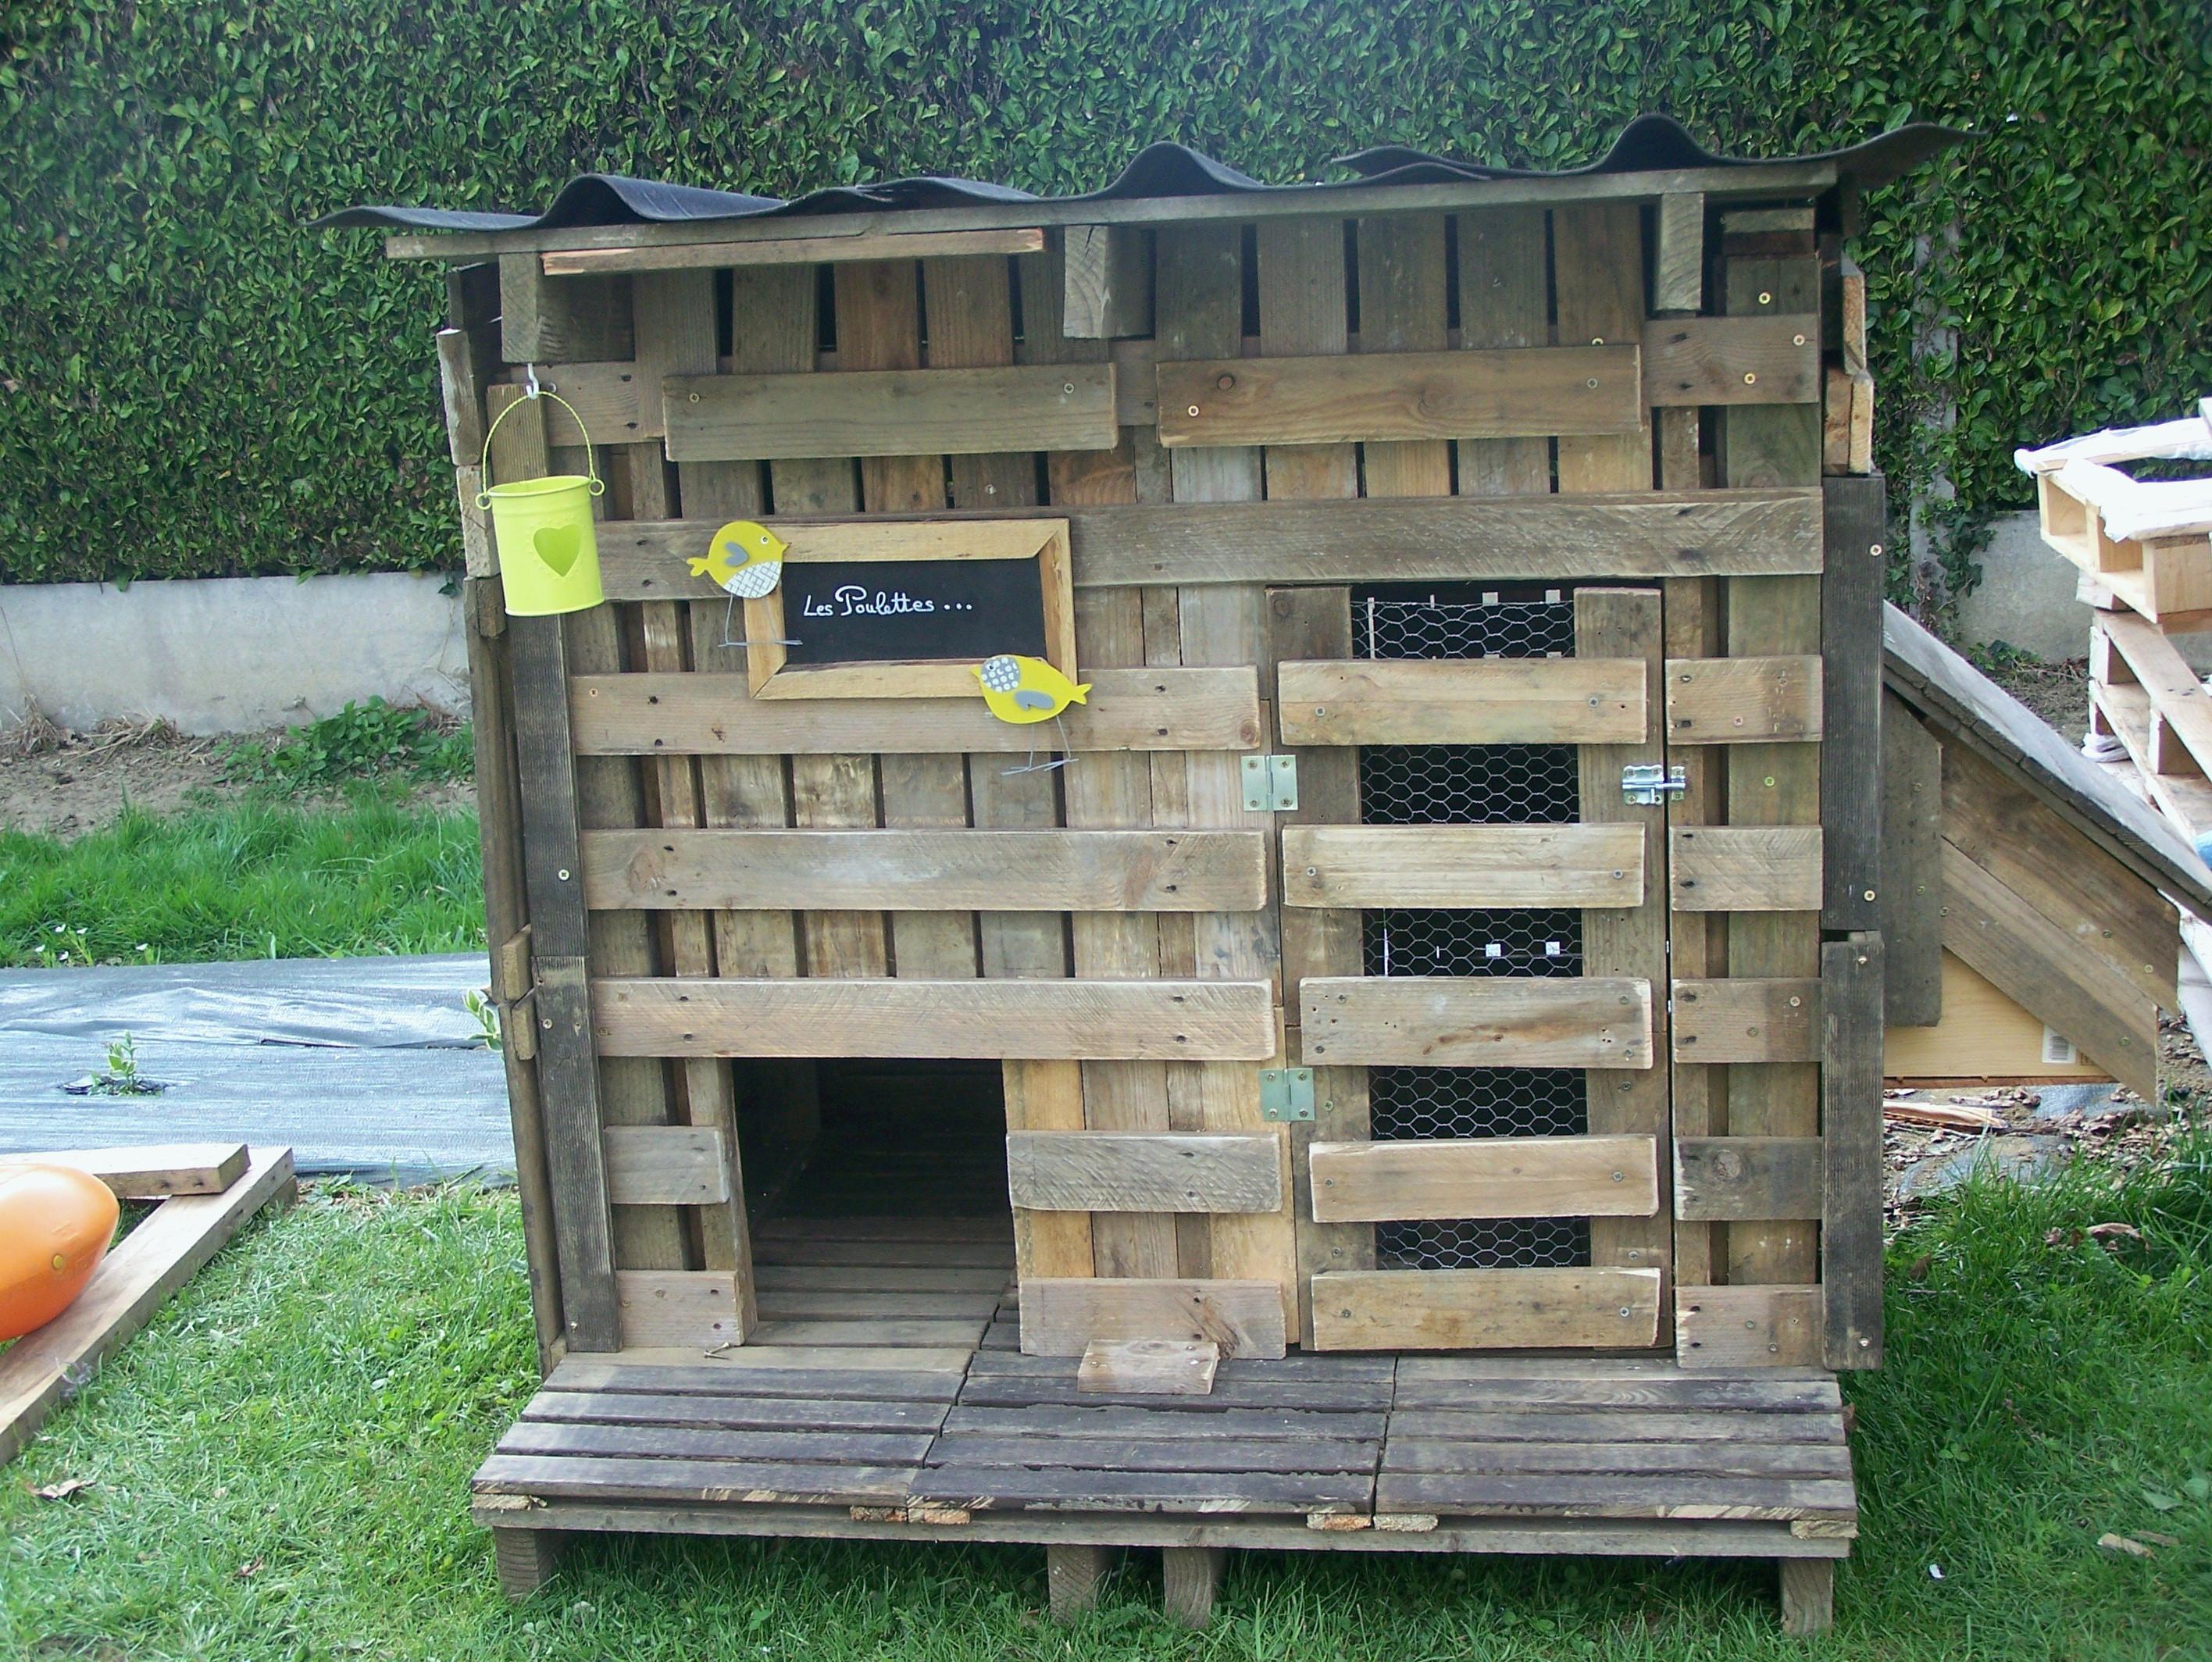 Abri De Jardin En Bois Carrefour Frais Photographie Abri De Jardin Carrefour Pour Stupéfiant Abrit De Jardin En Bois